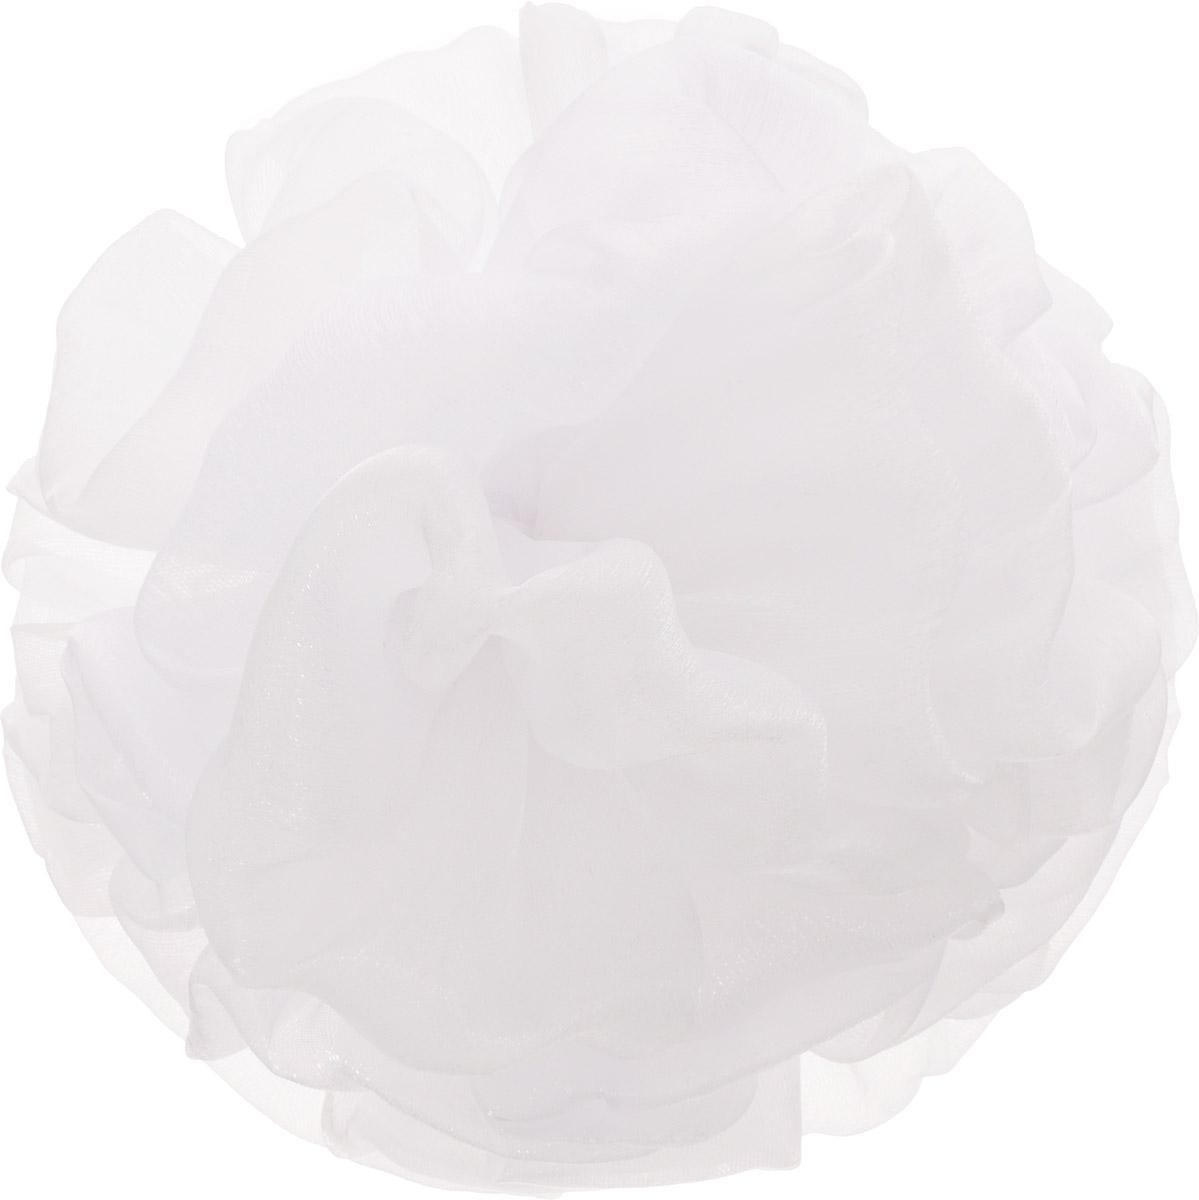 Babys Joy Бант для волос на резинке цвет белый MN 17MP59.4DБант для волос Babys Joy выполнен из мягкого текстиля. Бант на резинке позволит не только убрать непослушные волосы с лица, но и придать образу романтичности и очарования. Такой аксессуар для волос подчеркнет уникальность вашей маленькой модницы и станет прекрасным дополнением к ее неповторимому стилю.